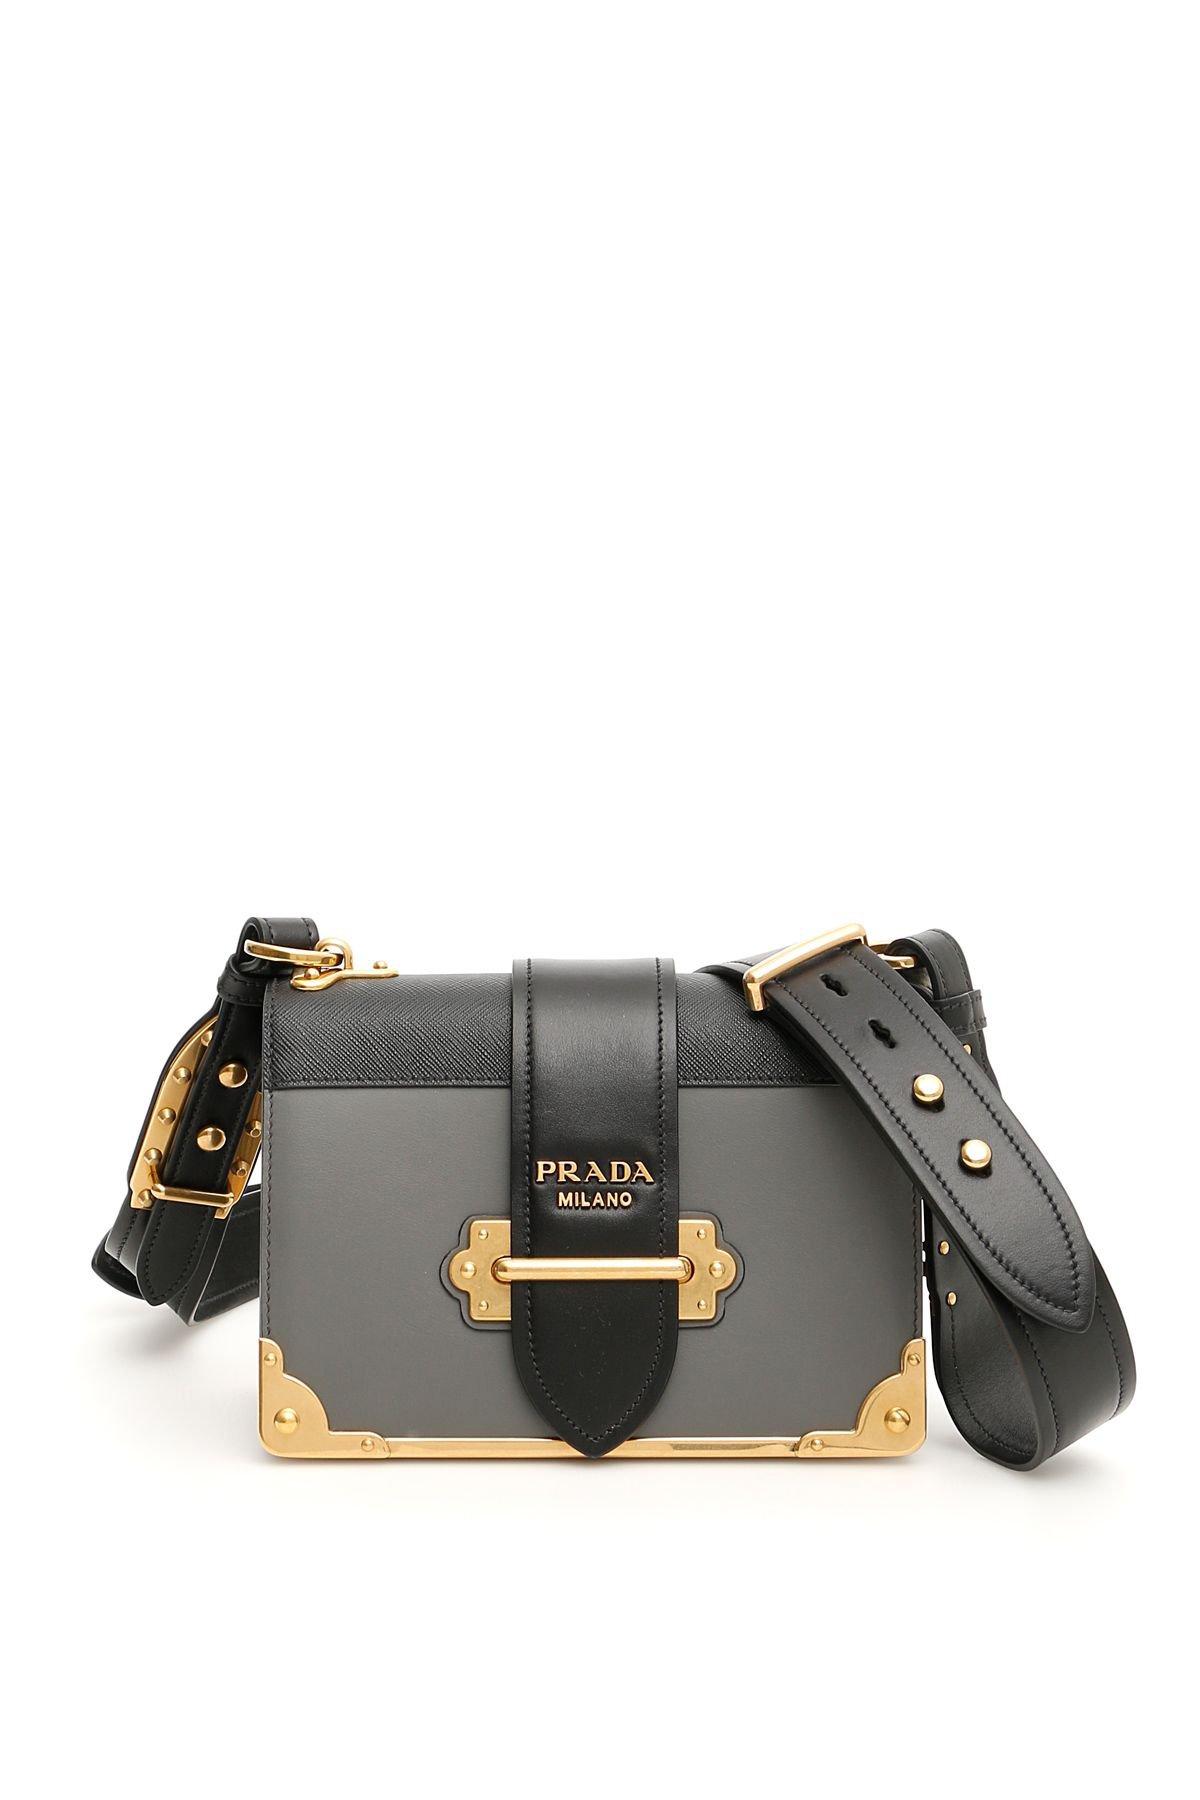 Prada Bicolor Cahier Bag